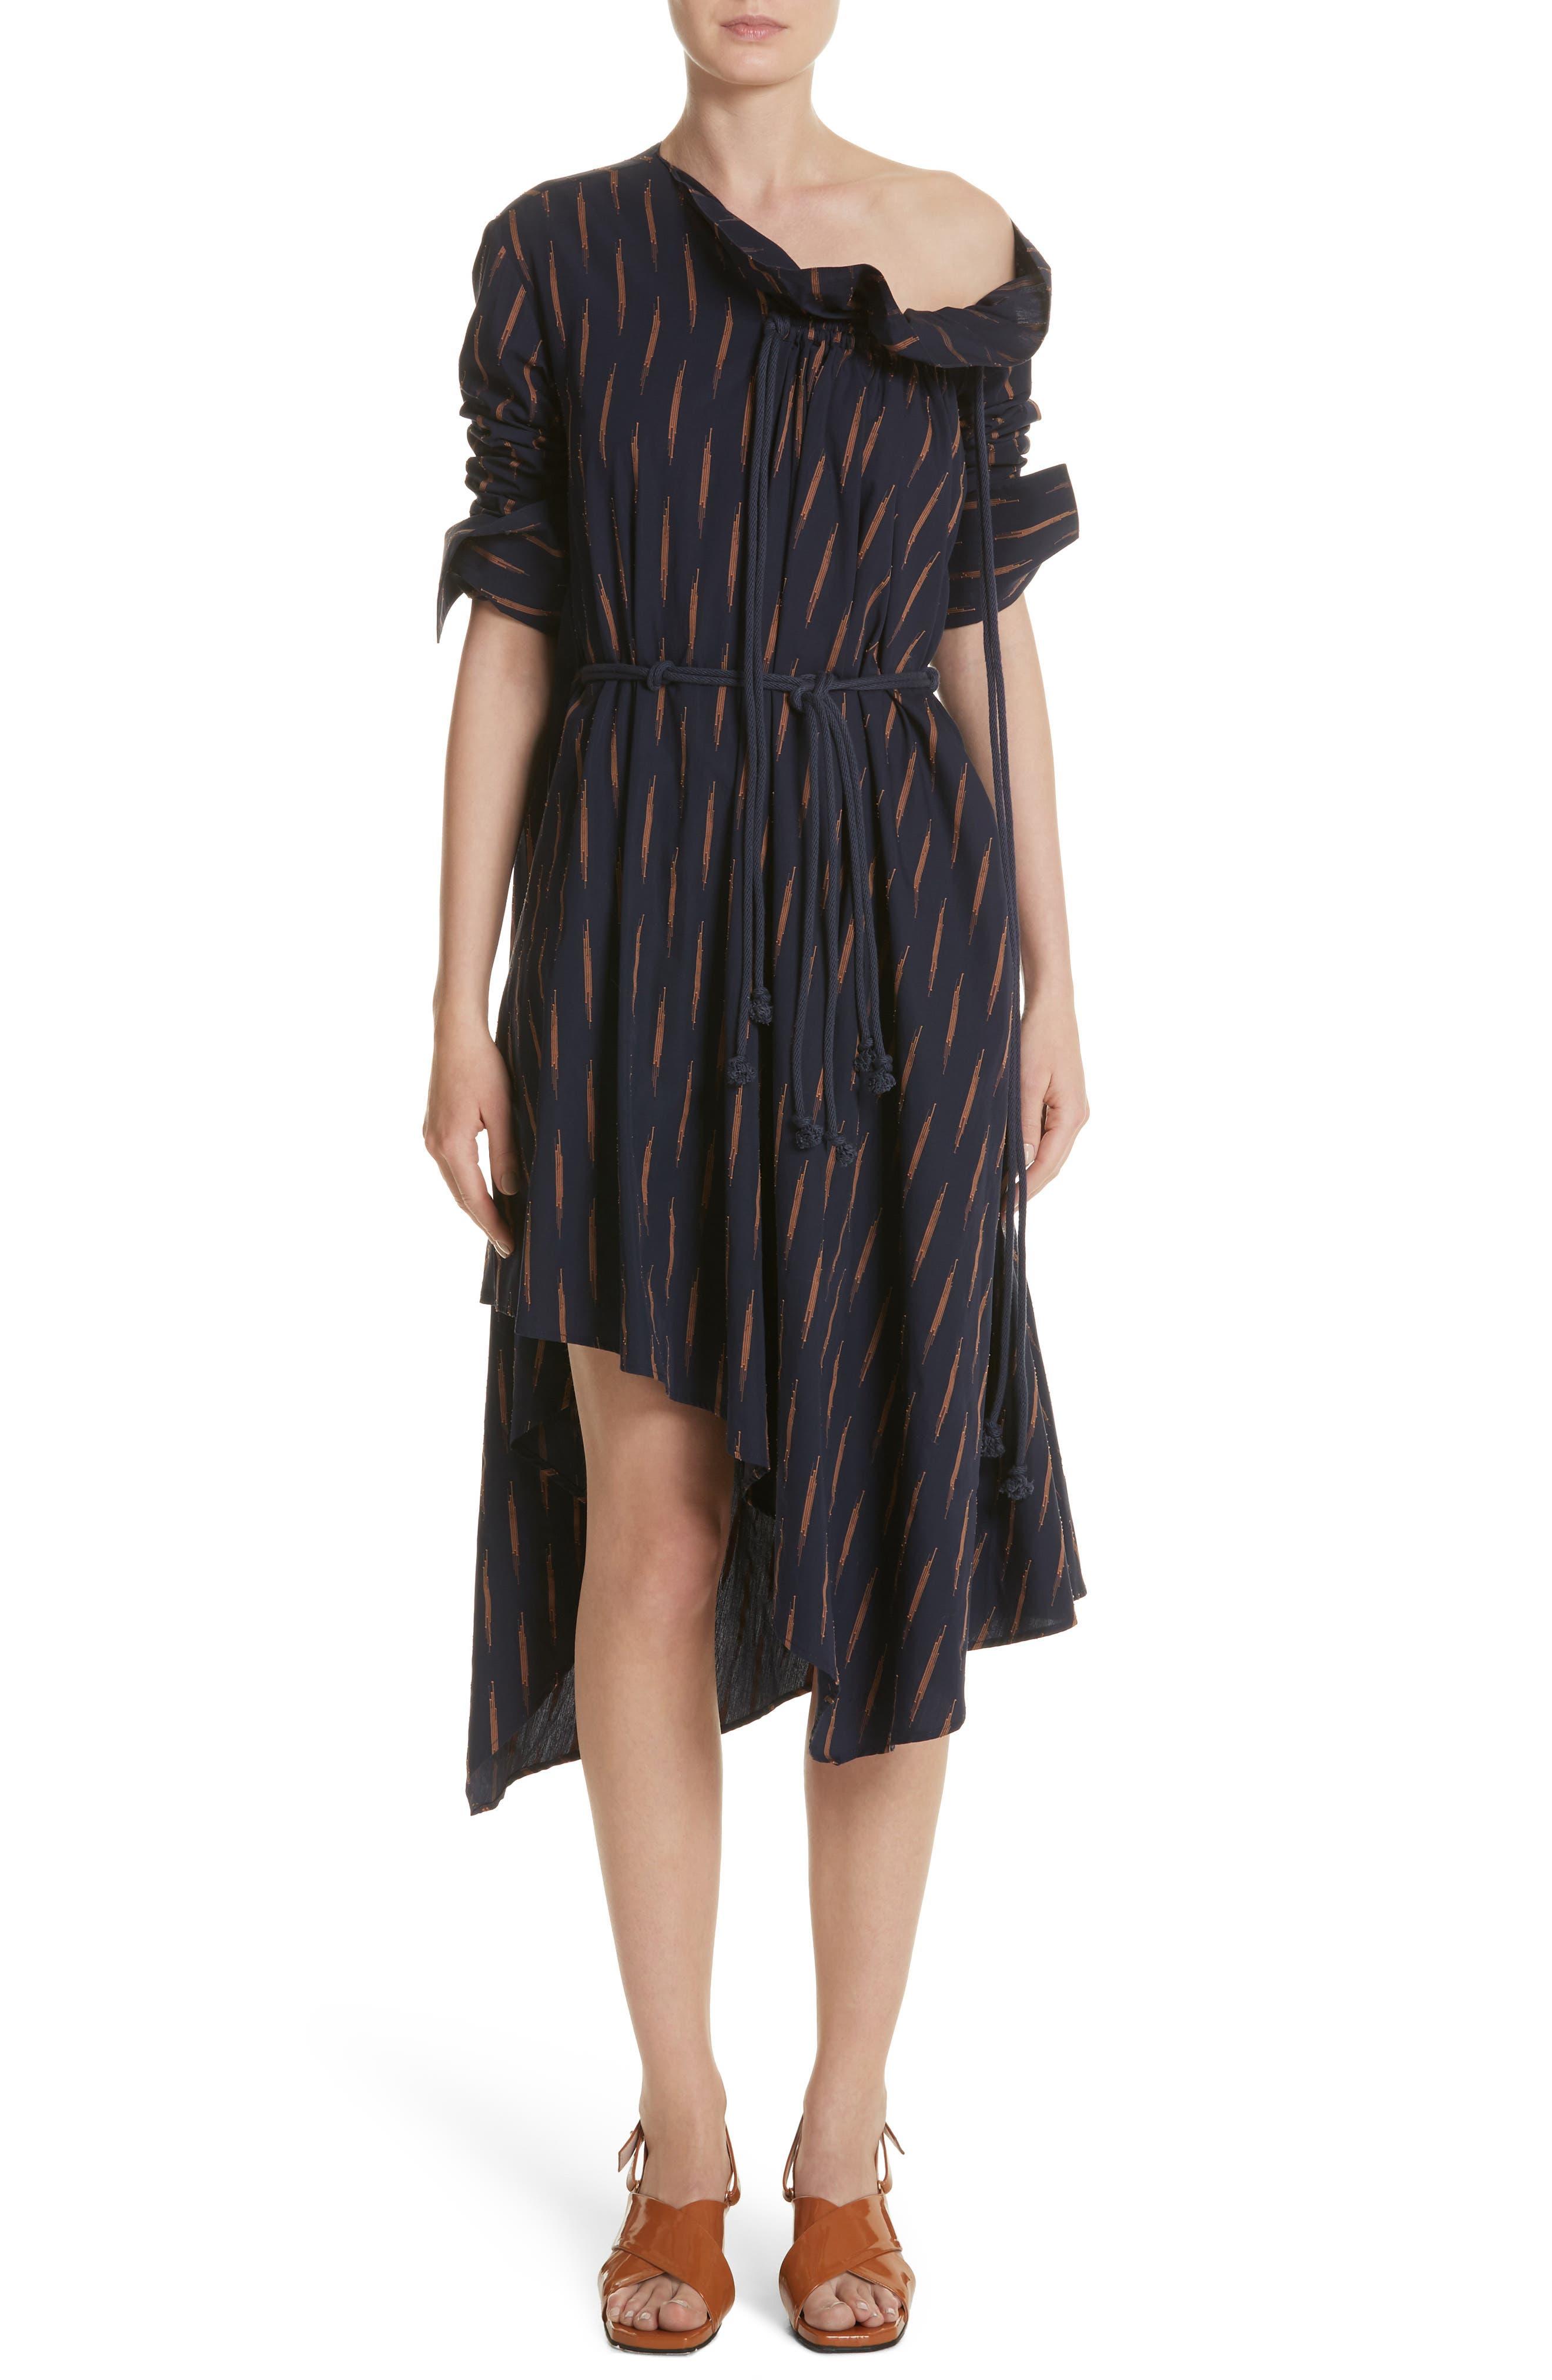 PALMER//HARDING Gallery One-Shoulder Dress